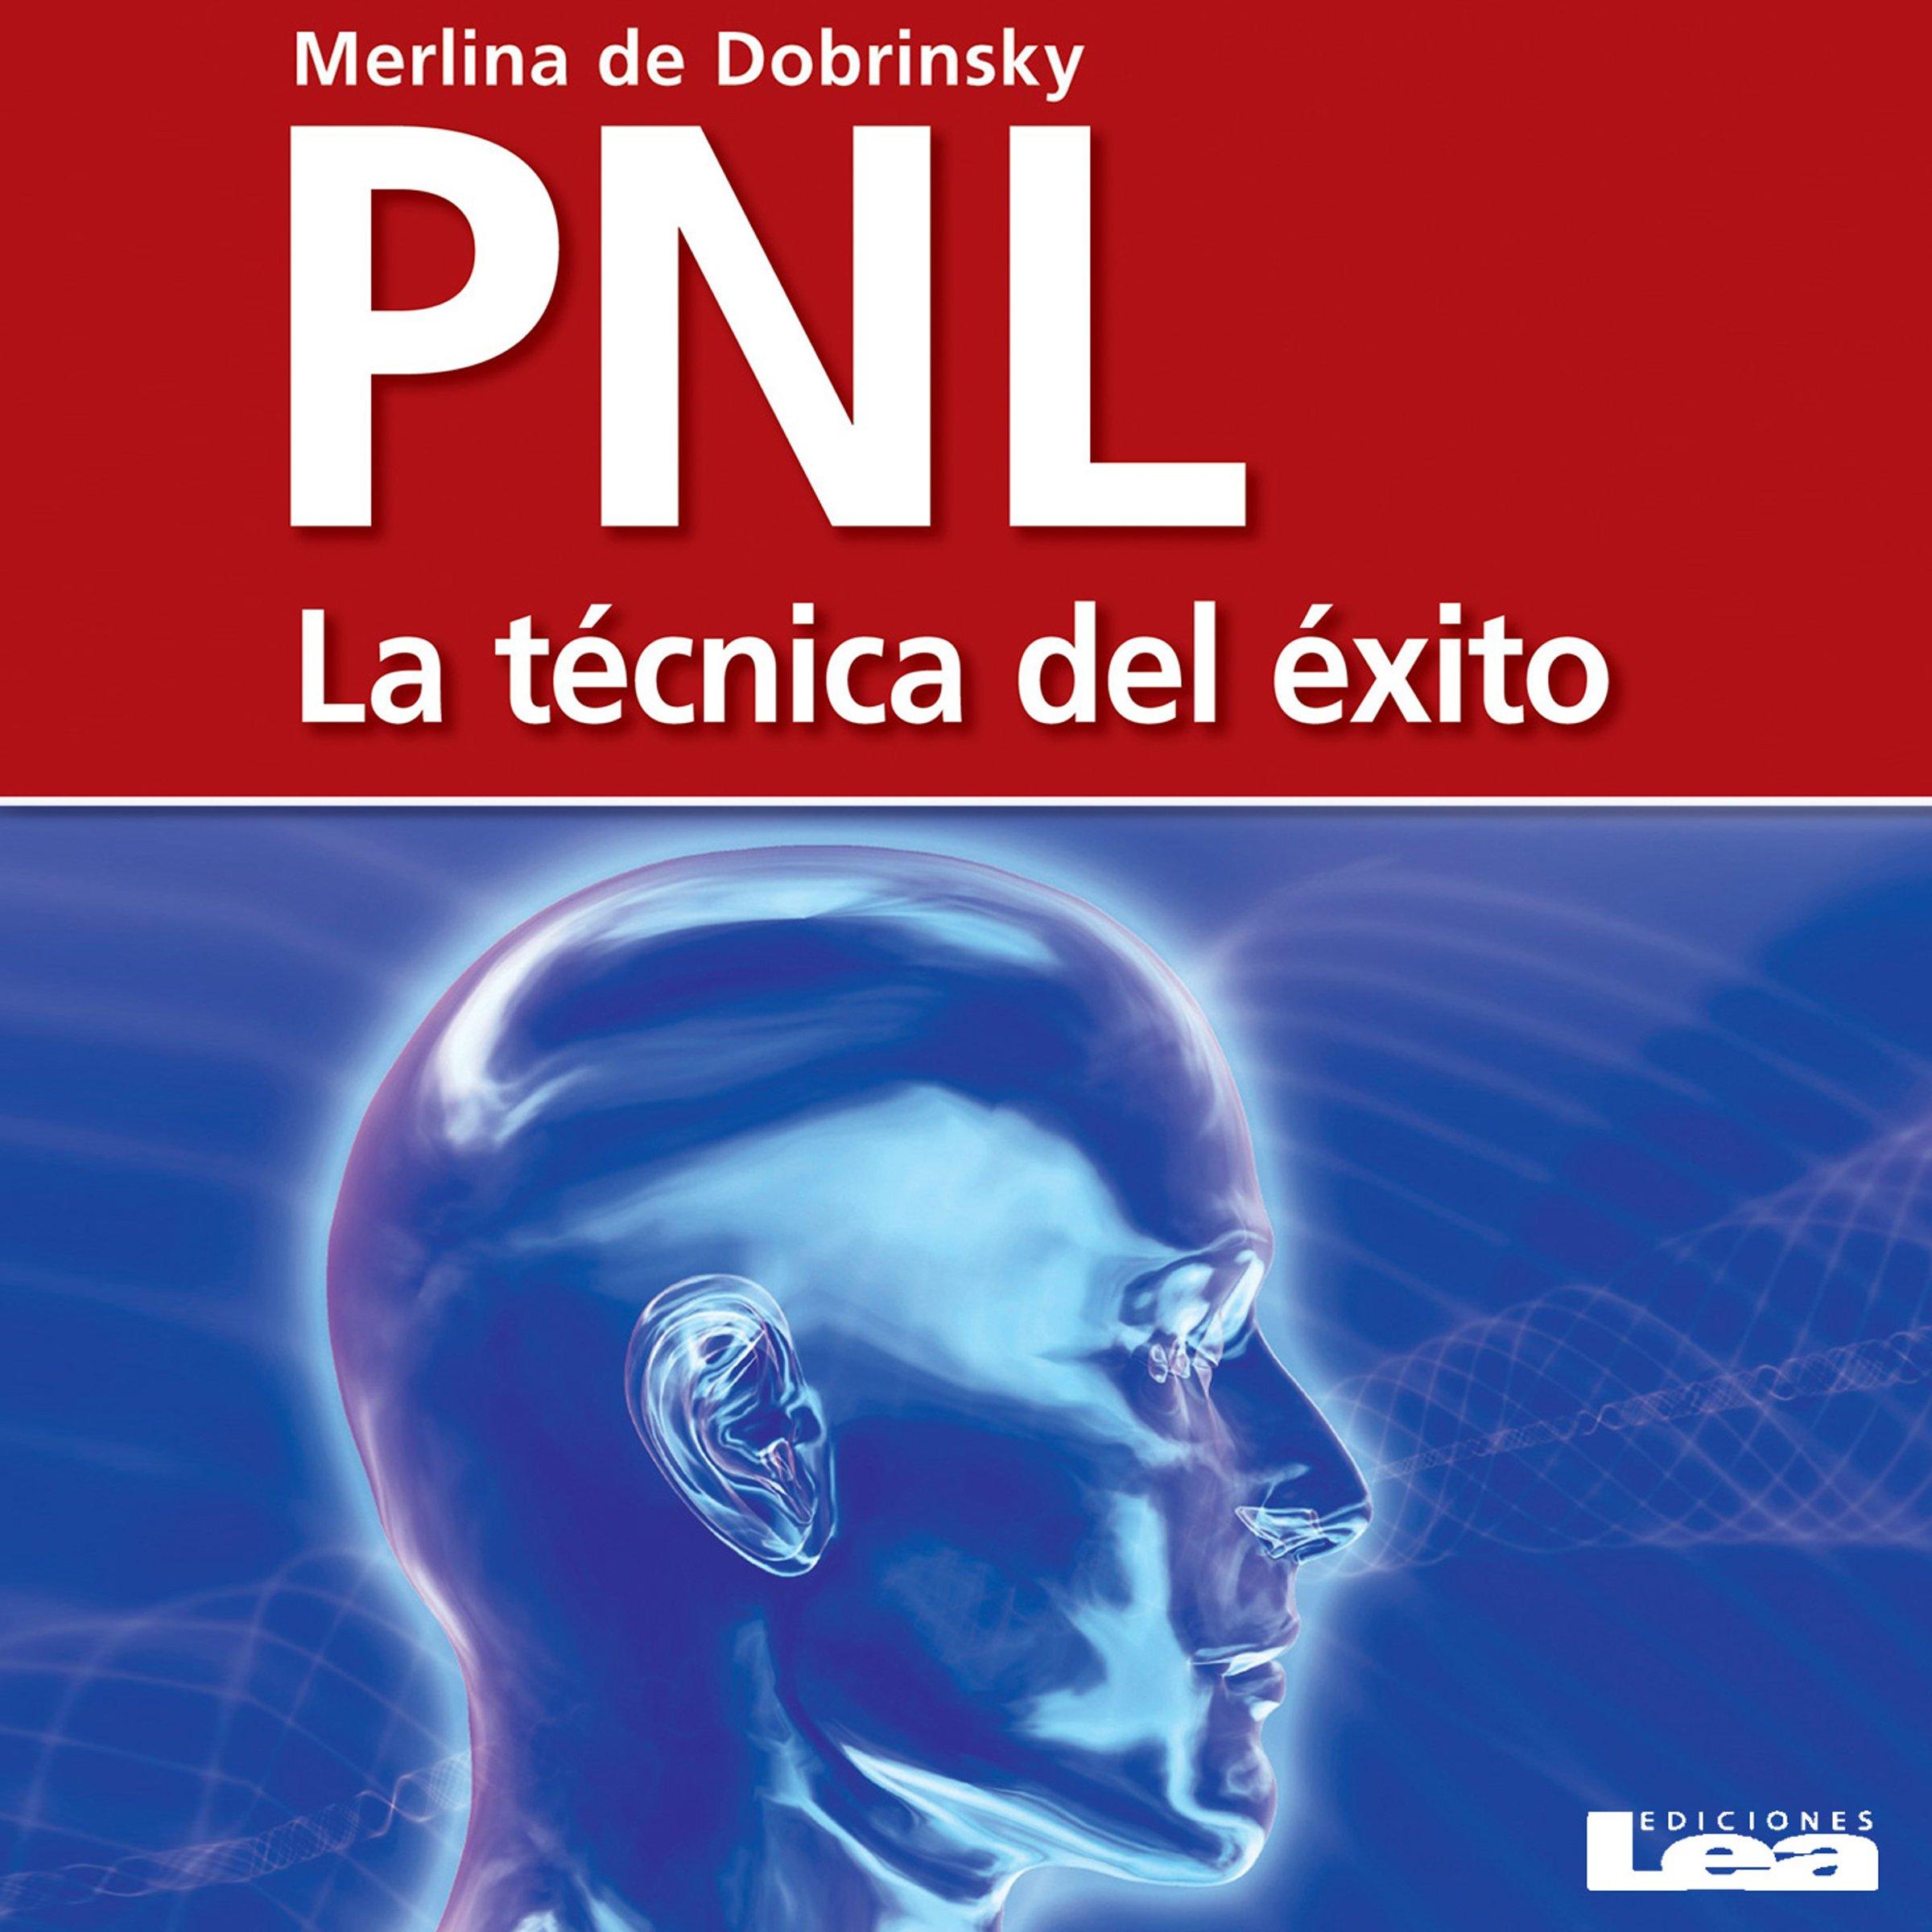 PNL [Spanish Edition]: La técnica del éxito